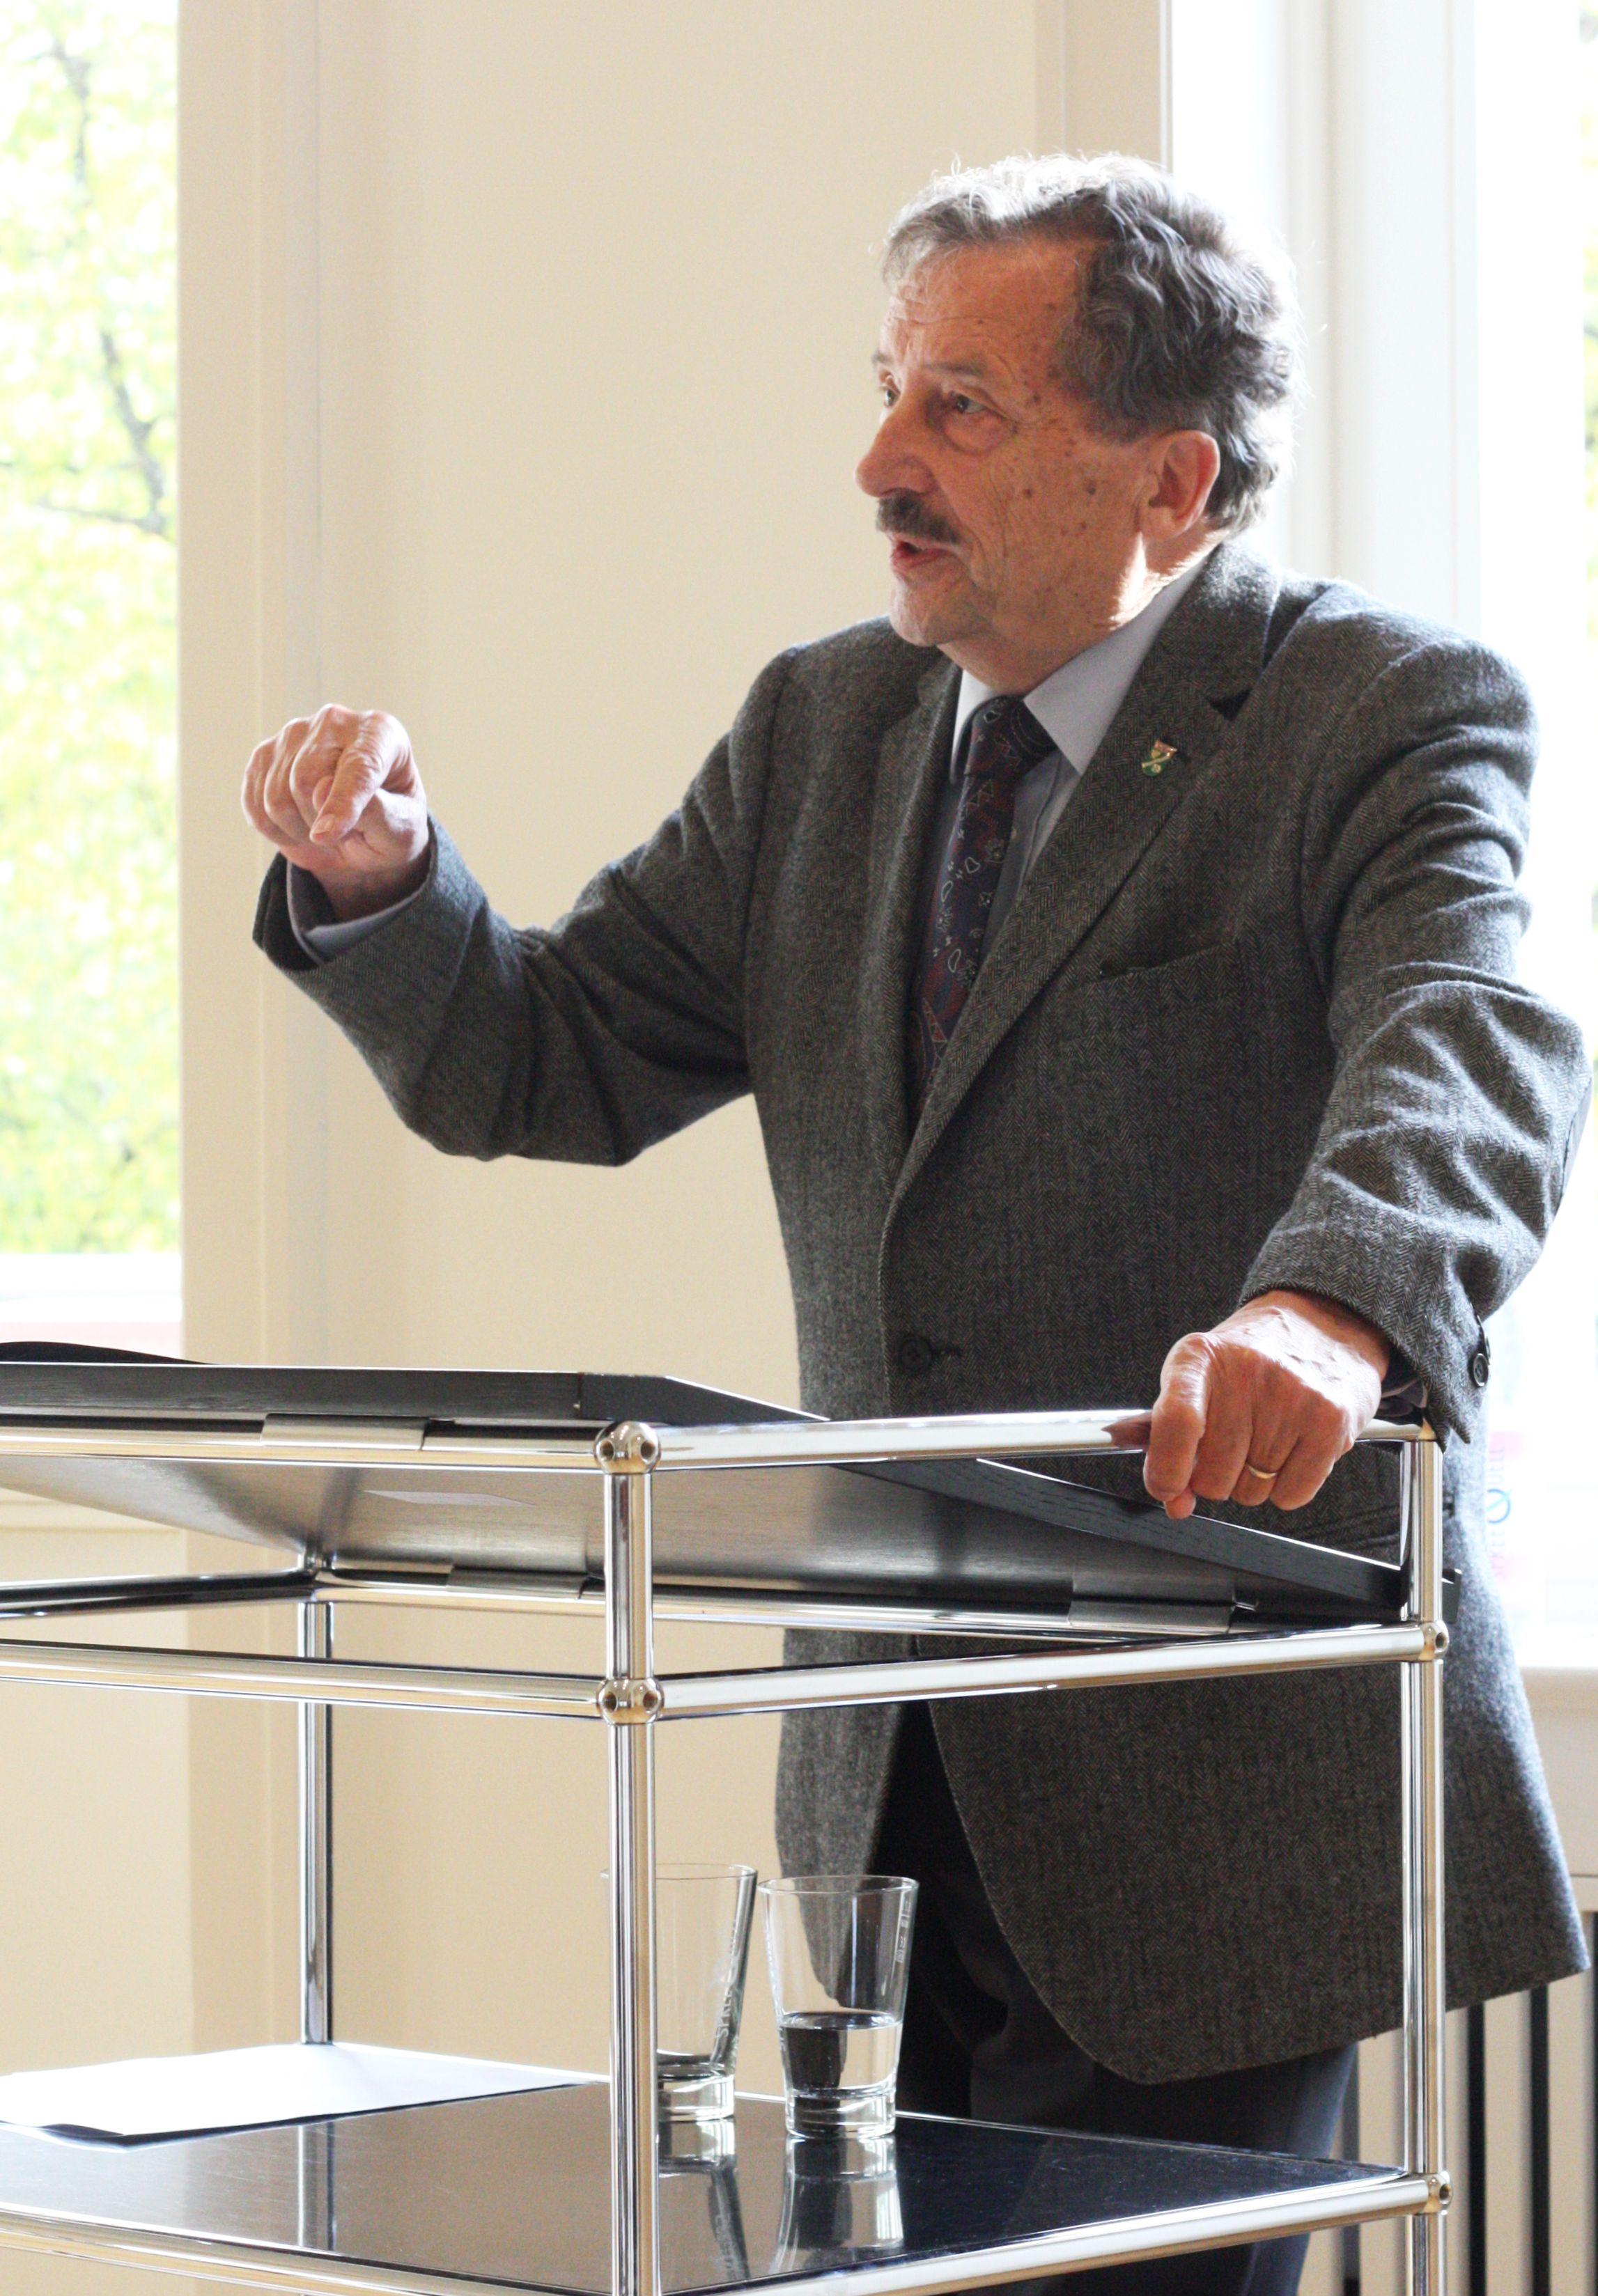 2017-10-12_Dr. Heiner Niemann, Biesdorf kom80